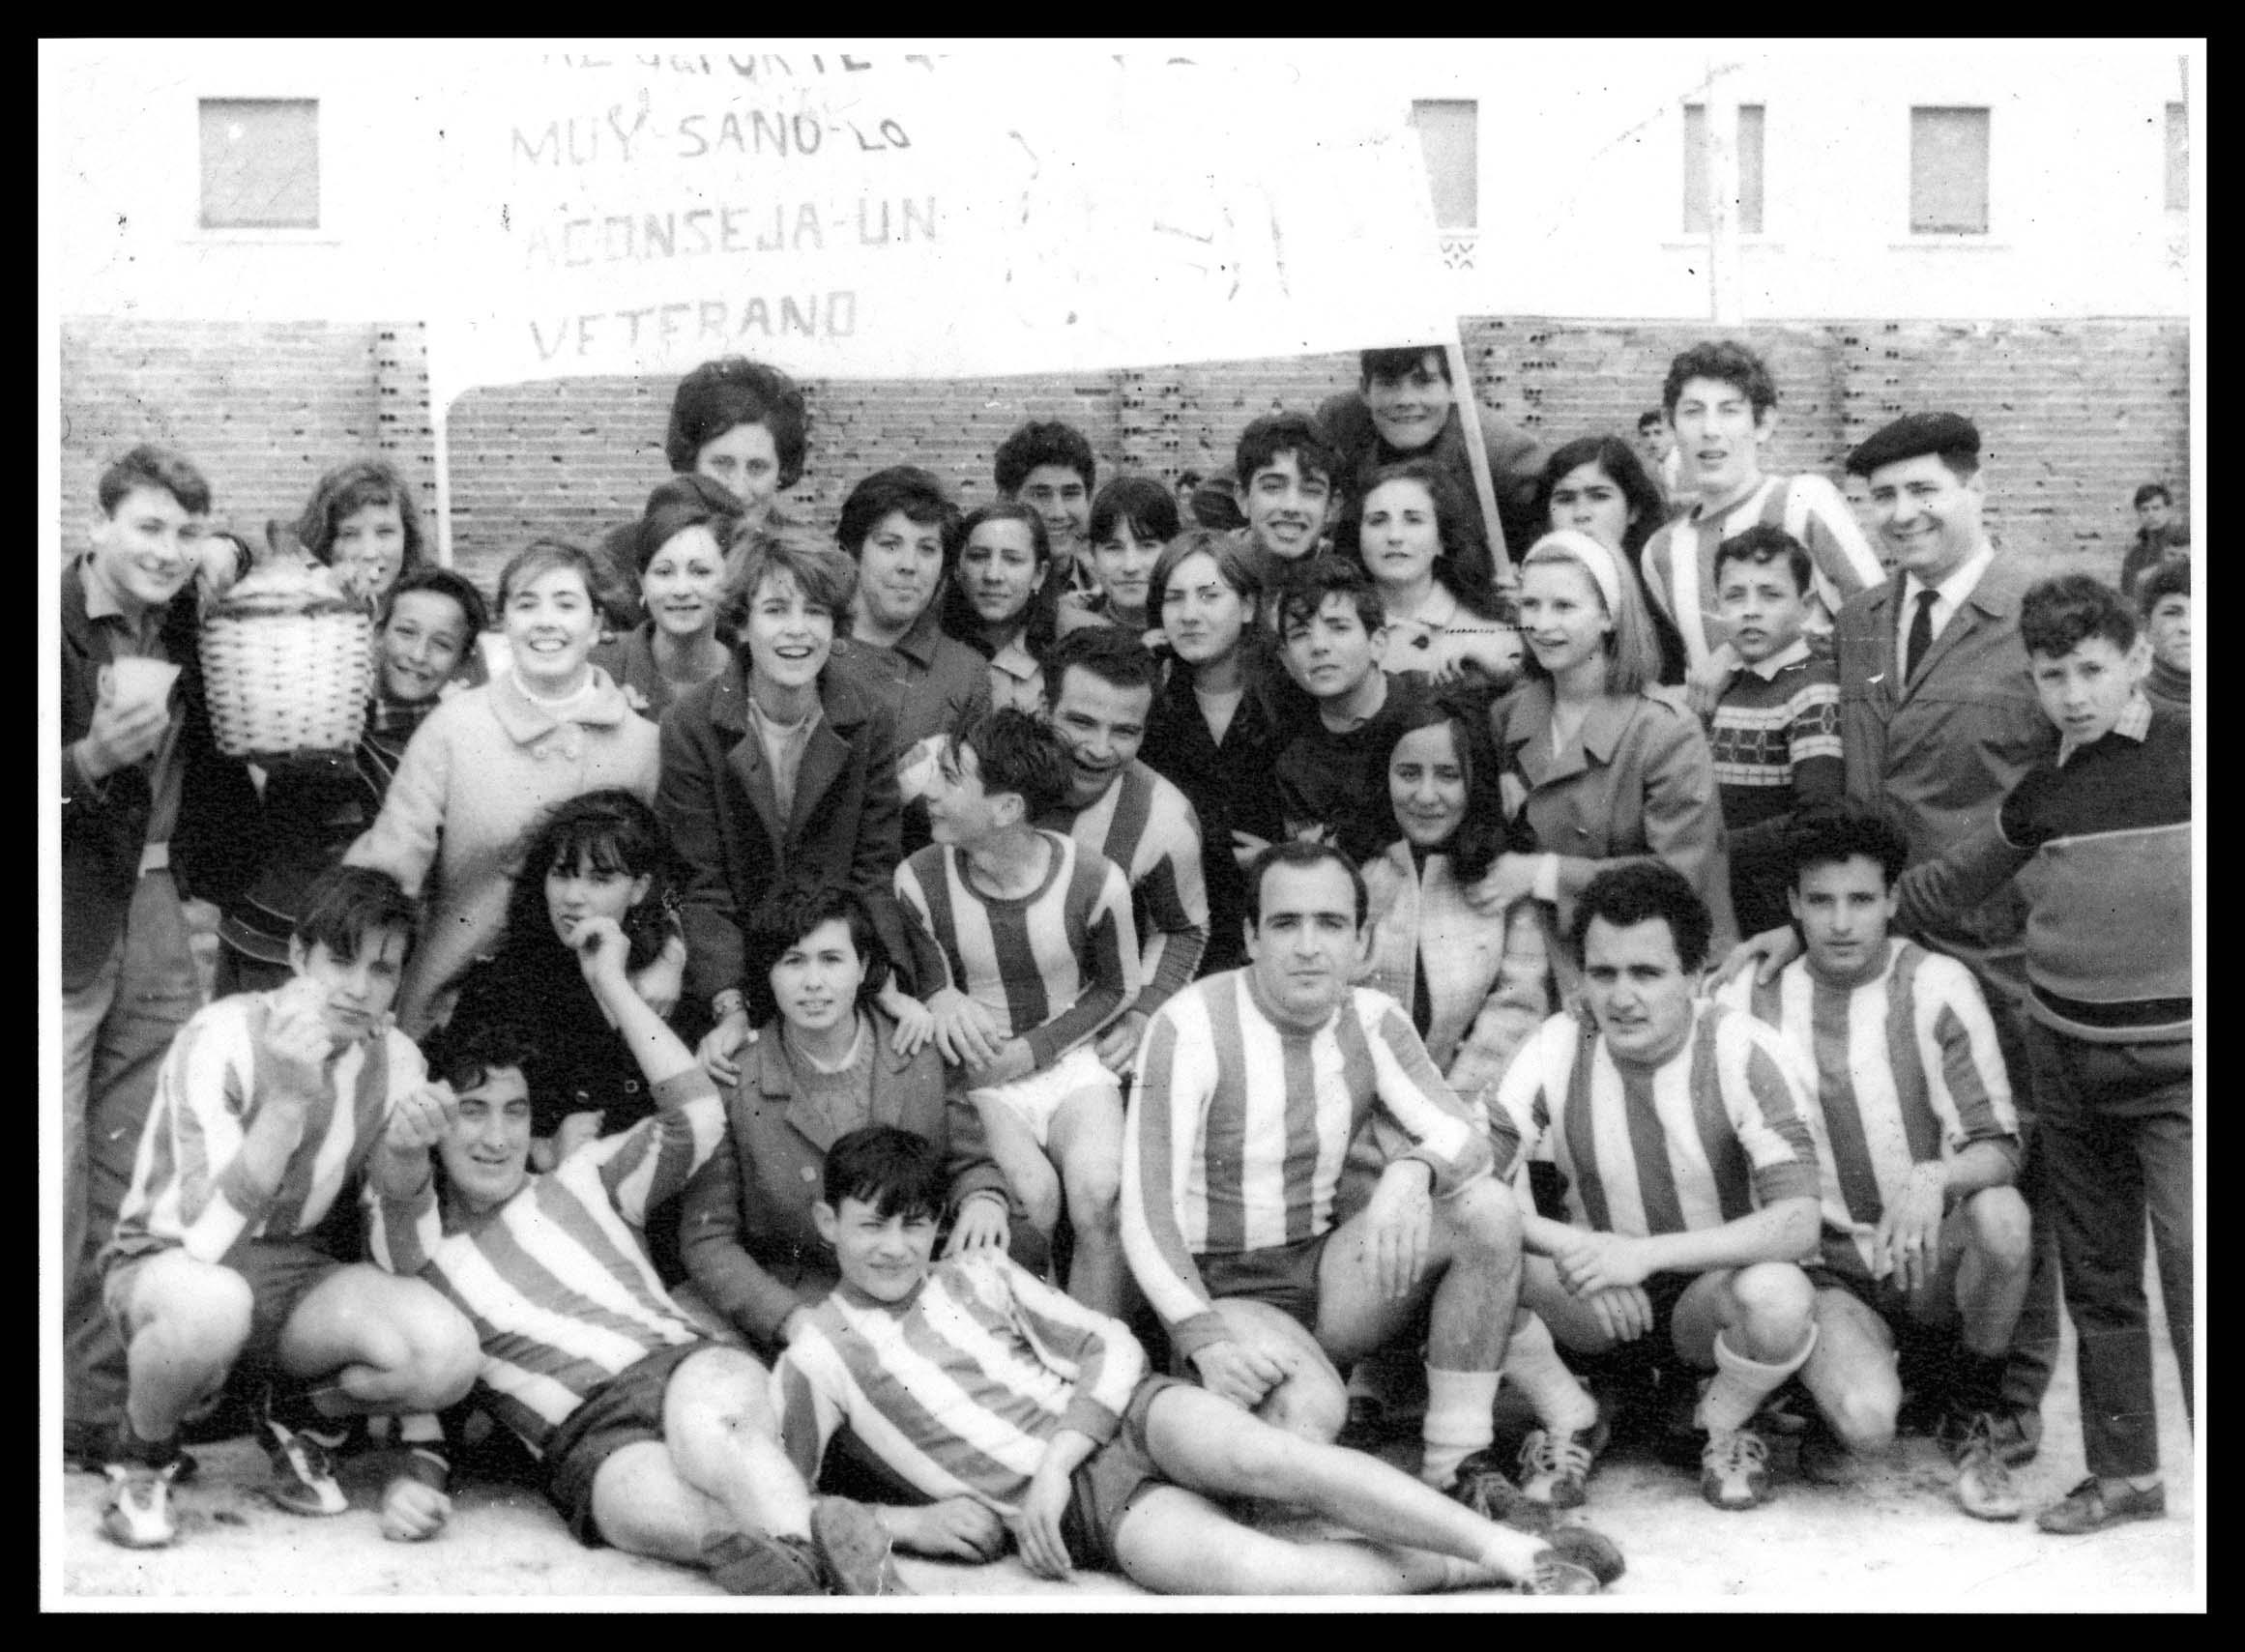 Equipo de fútbol del